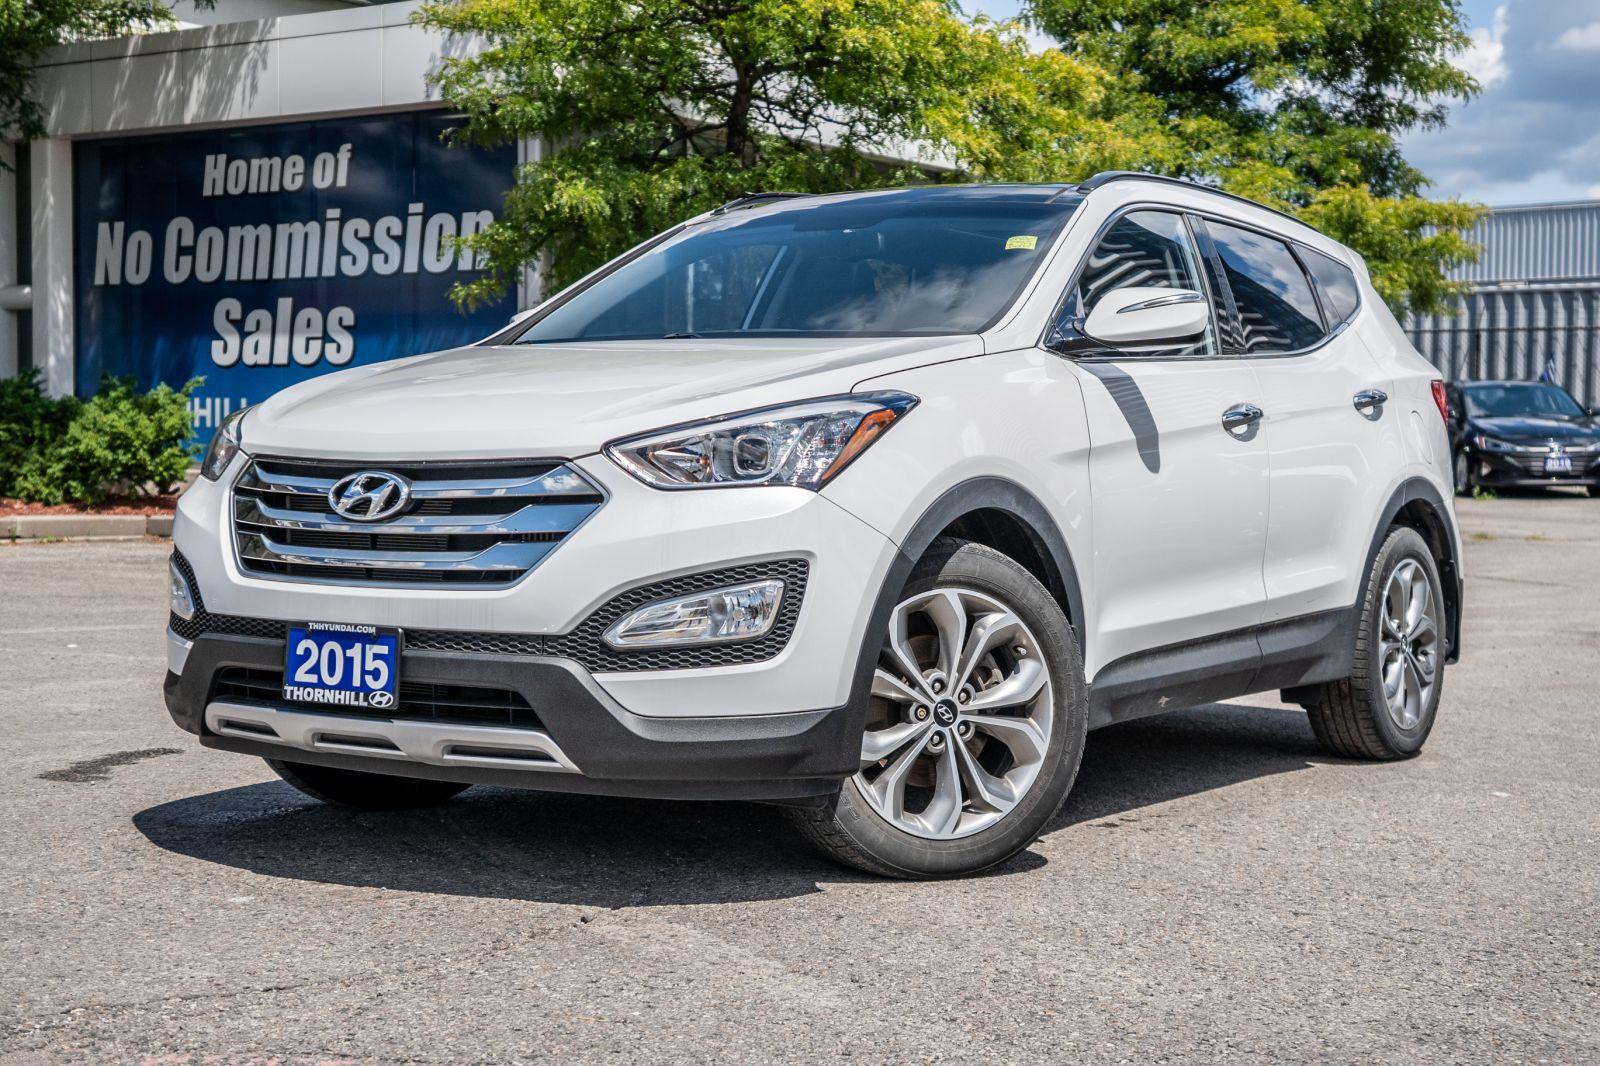 2015 Hyundai Santa Fe Sport Image